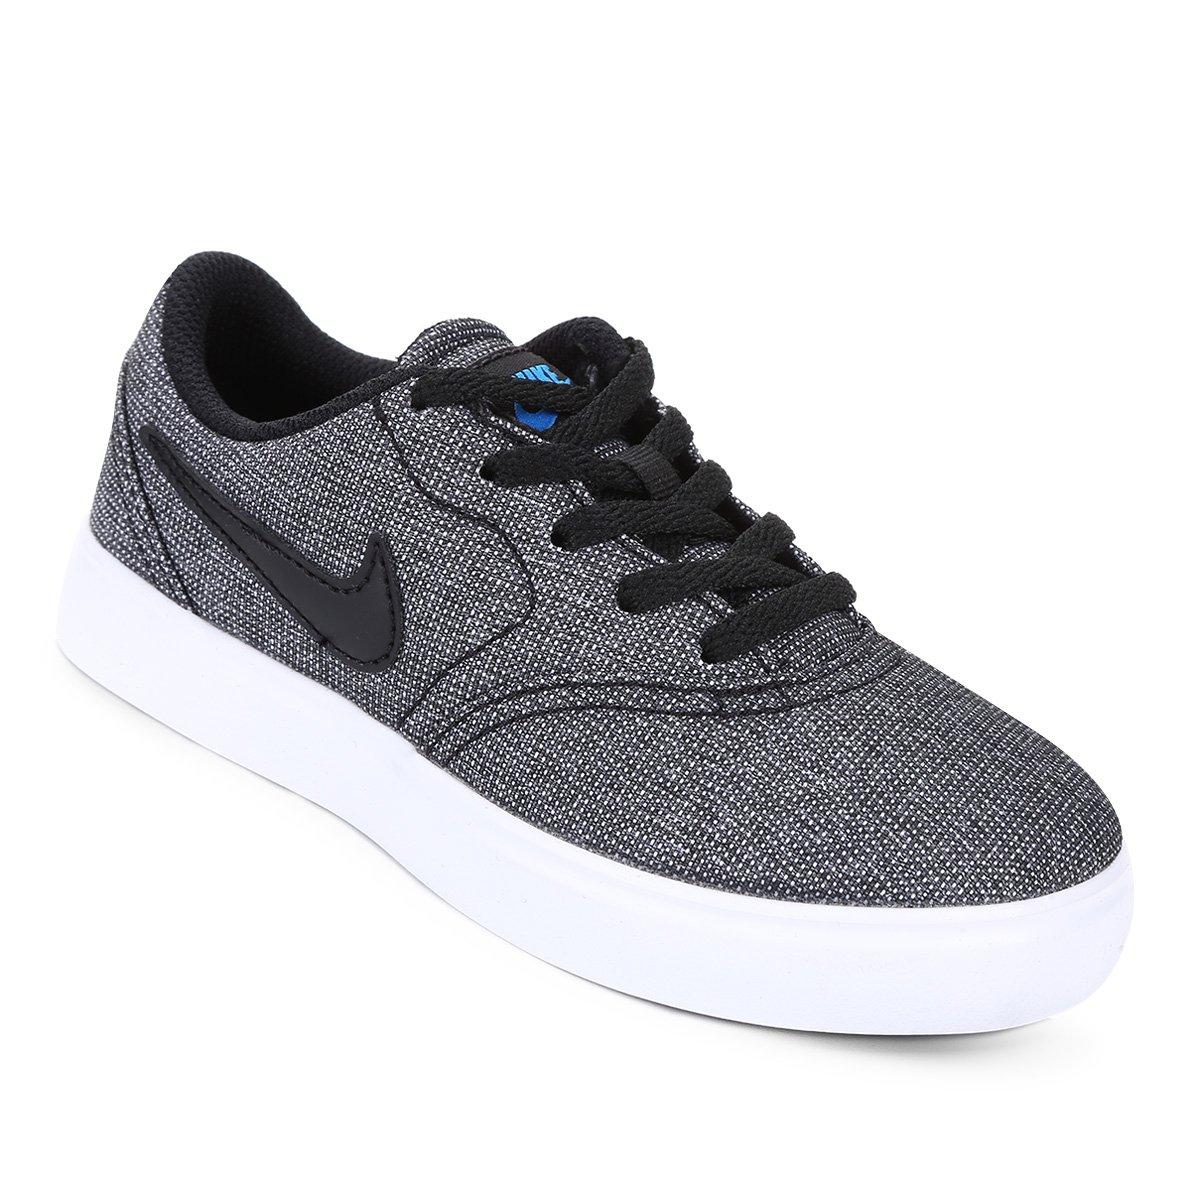 Tênis Infantil Nike SB Check Cnvs - Compre Agora  389e478b6269a